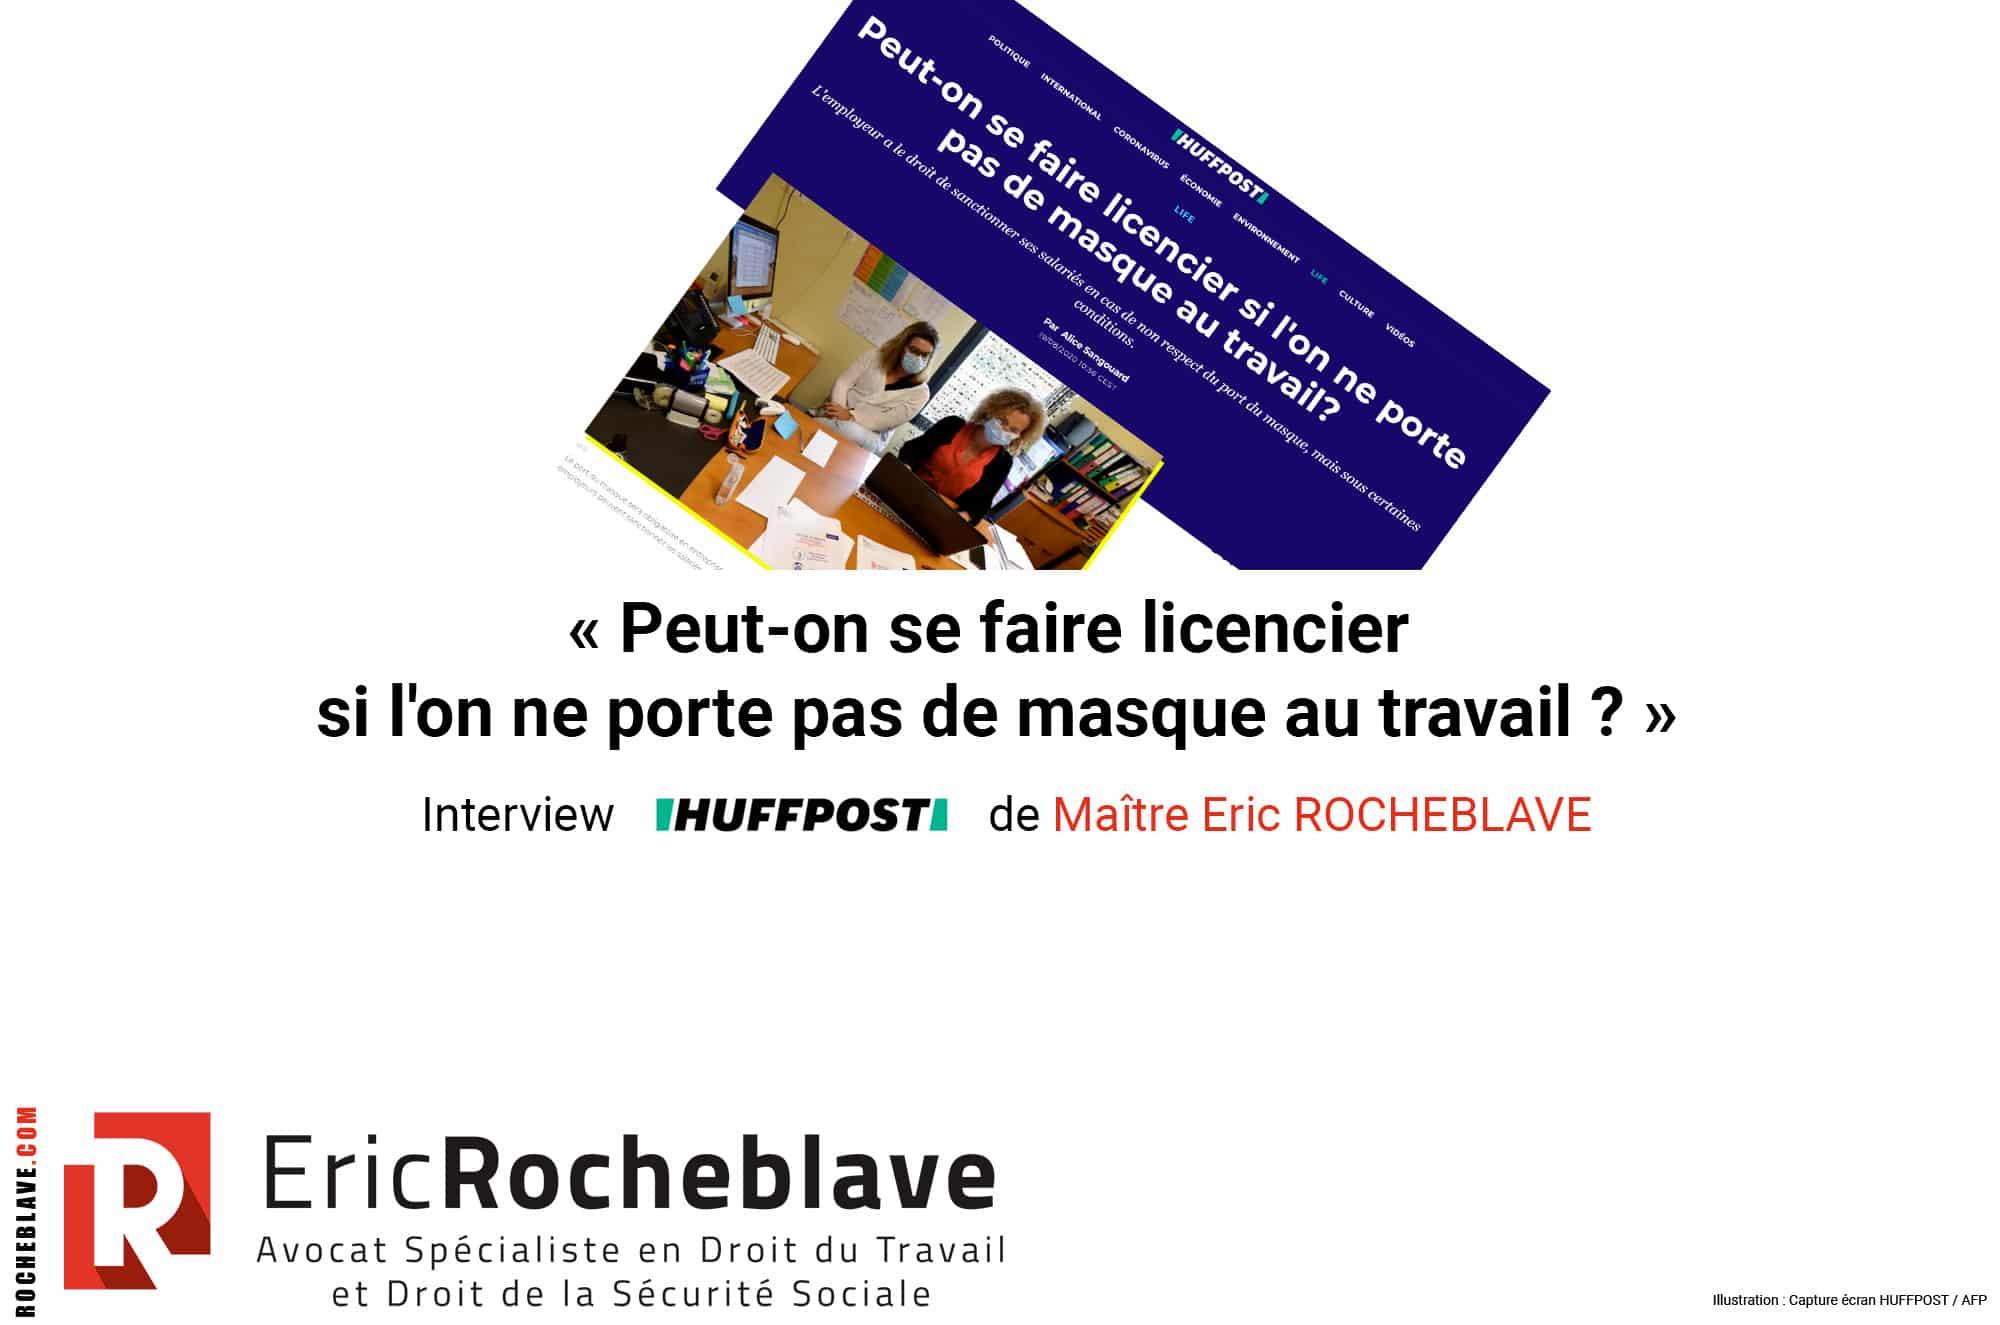 « Peut-on se faire licencier si l'on ne porte pas de masque au travail ? » Interview HUFFPOST de Maître Eric ROCHEBLAVE